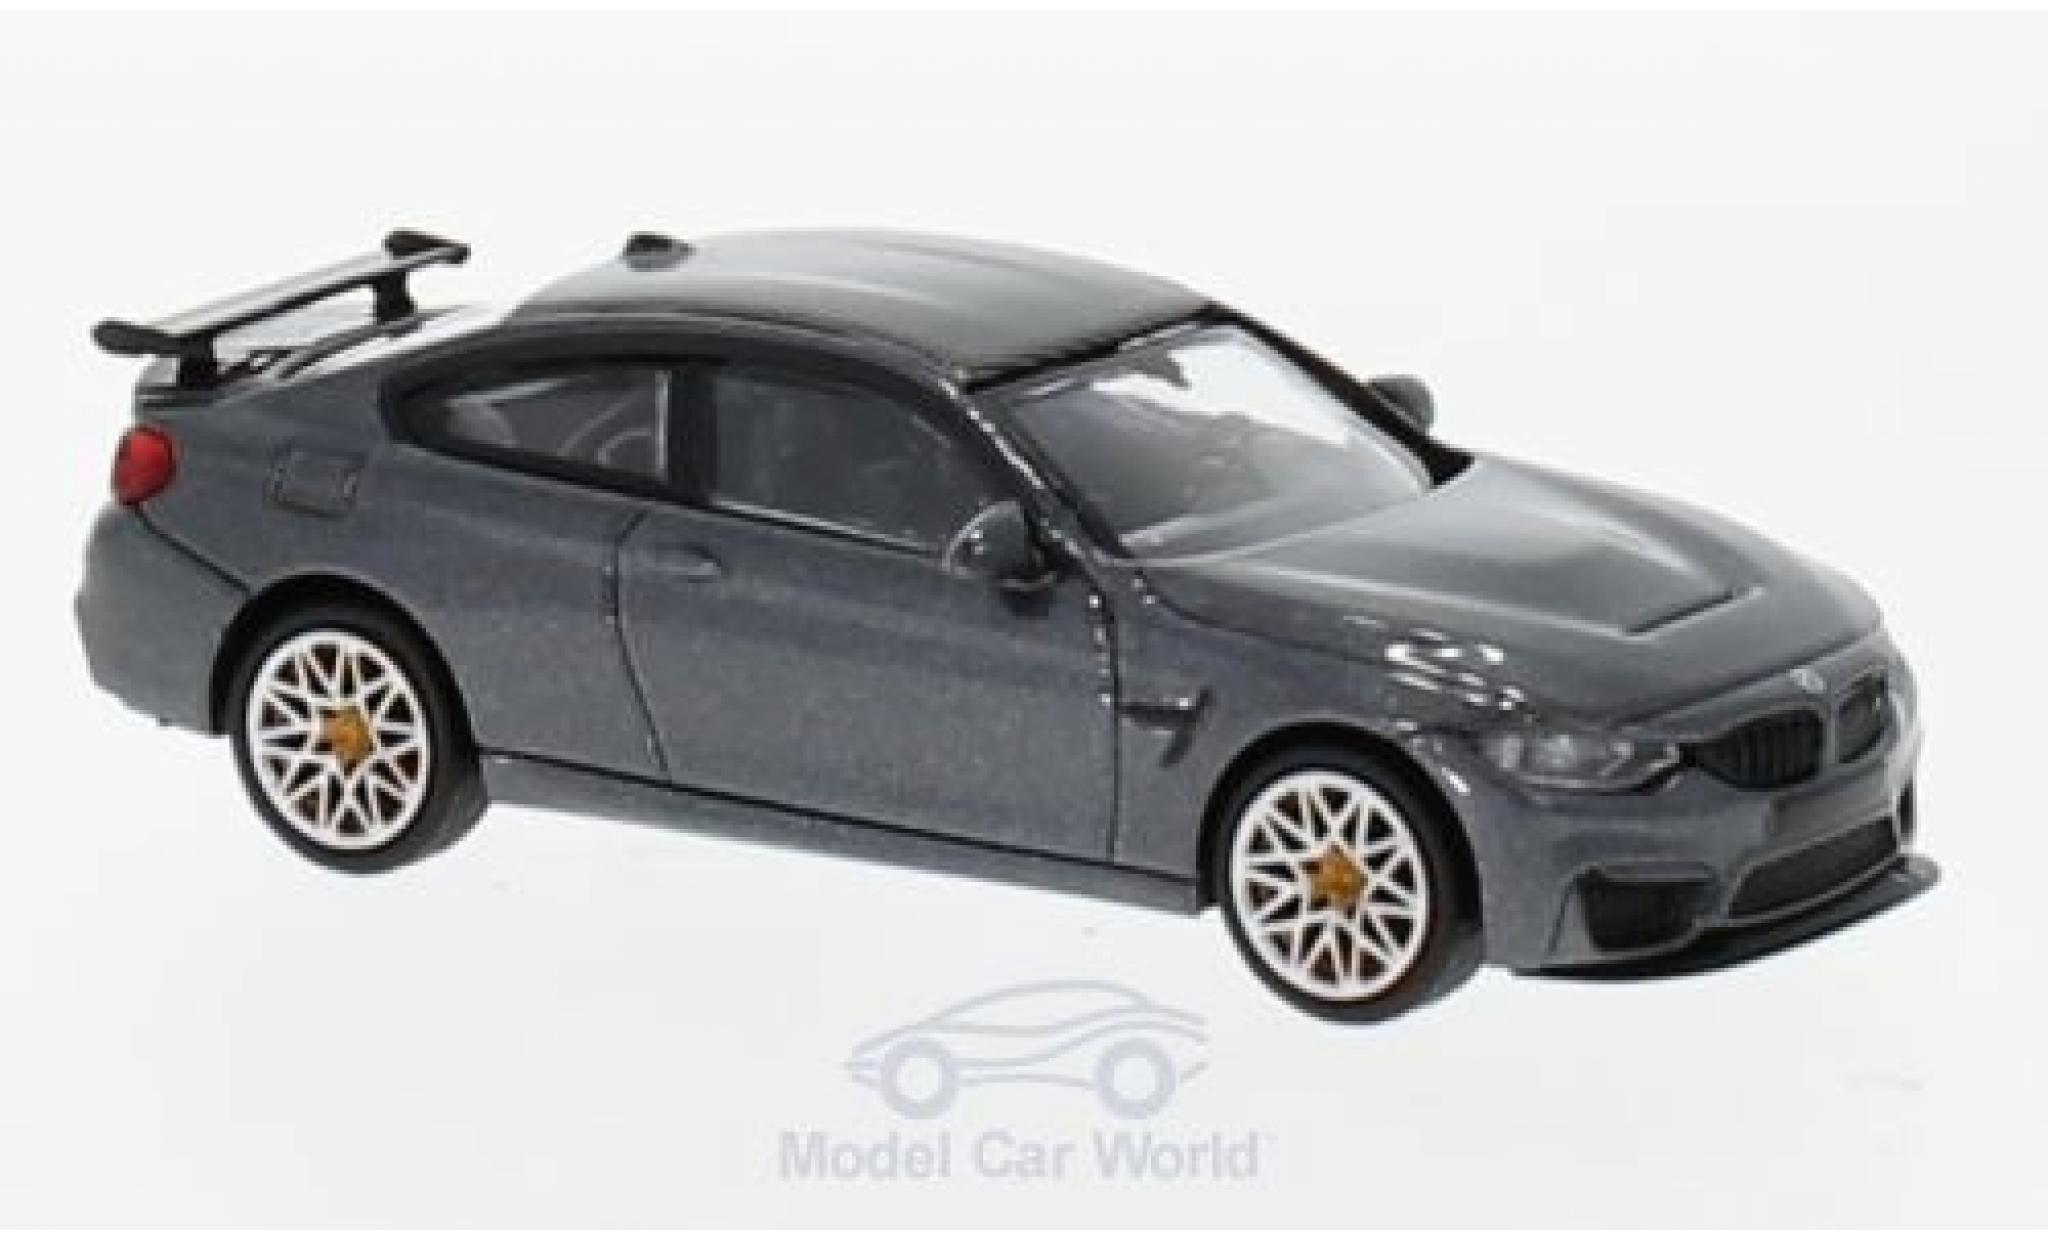 Bmw M4 1/87 Minichamps BMW GTS metallic-grise 2016 mit orangen Felgen